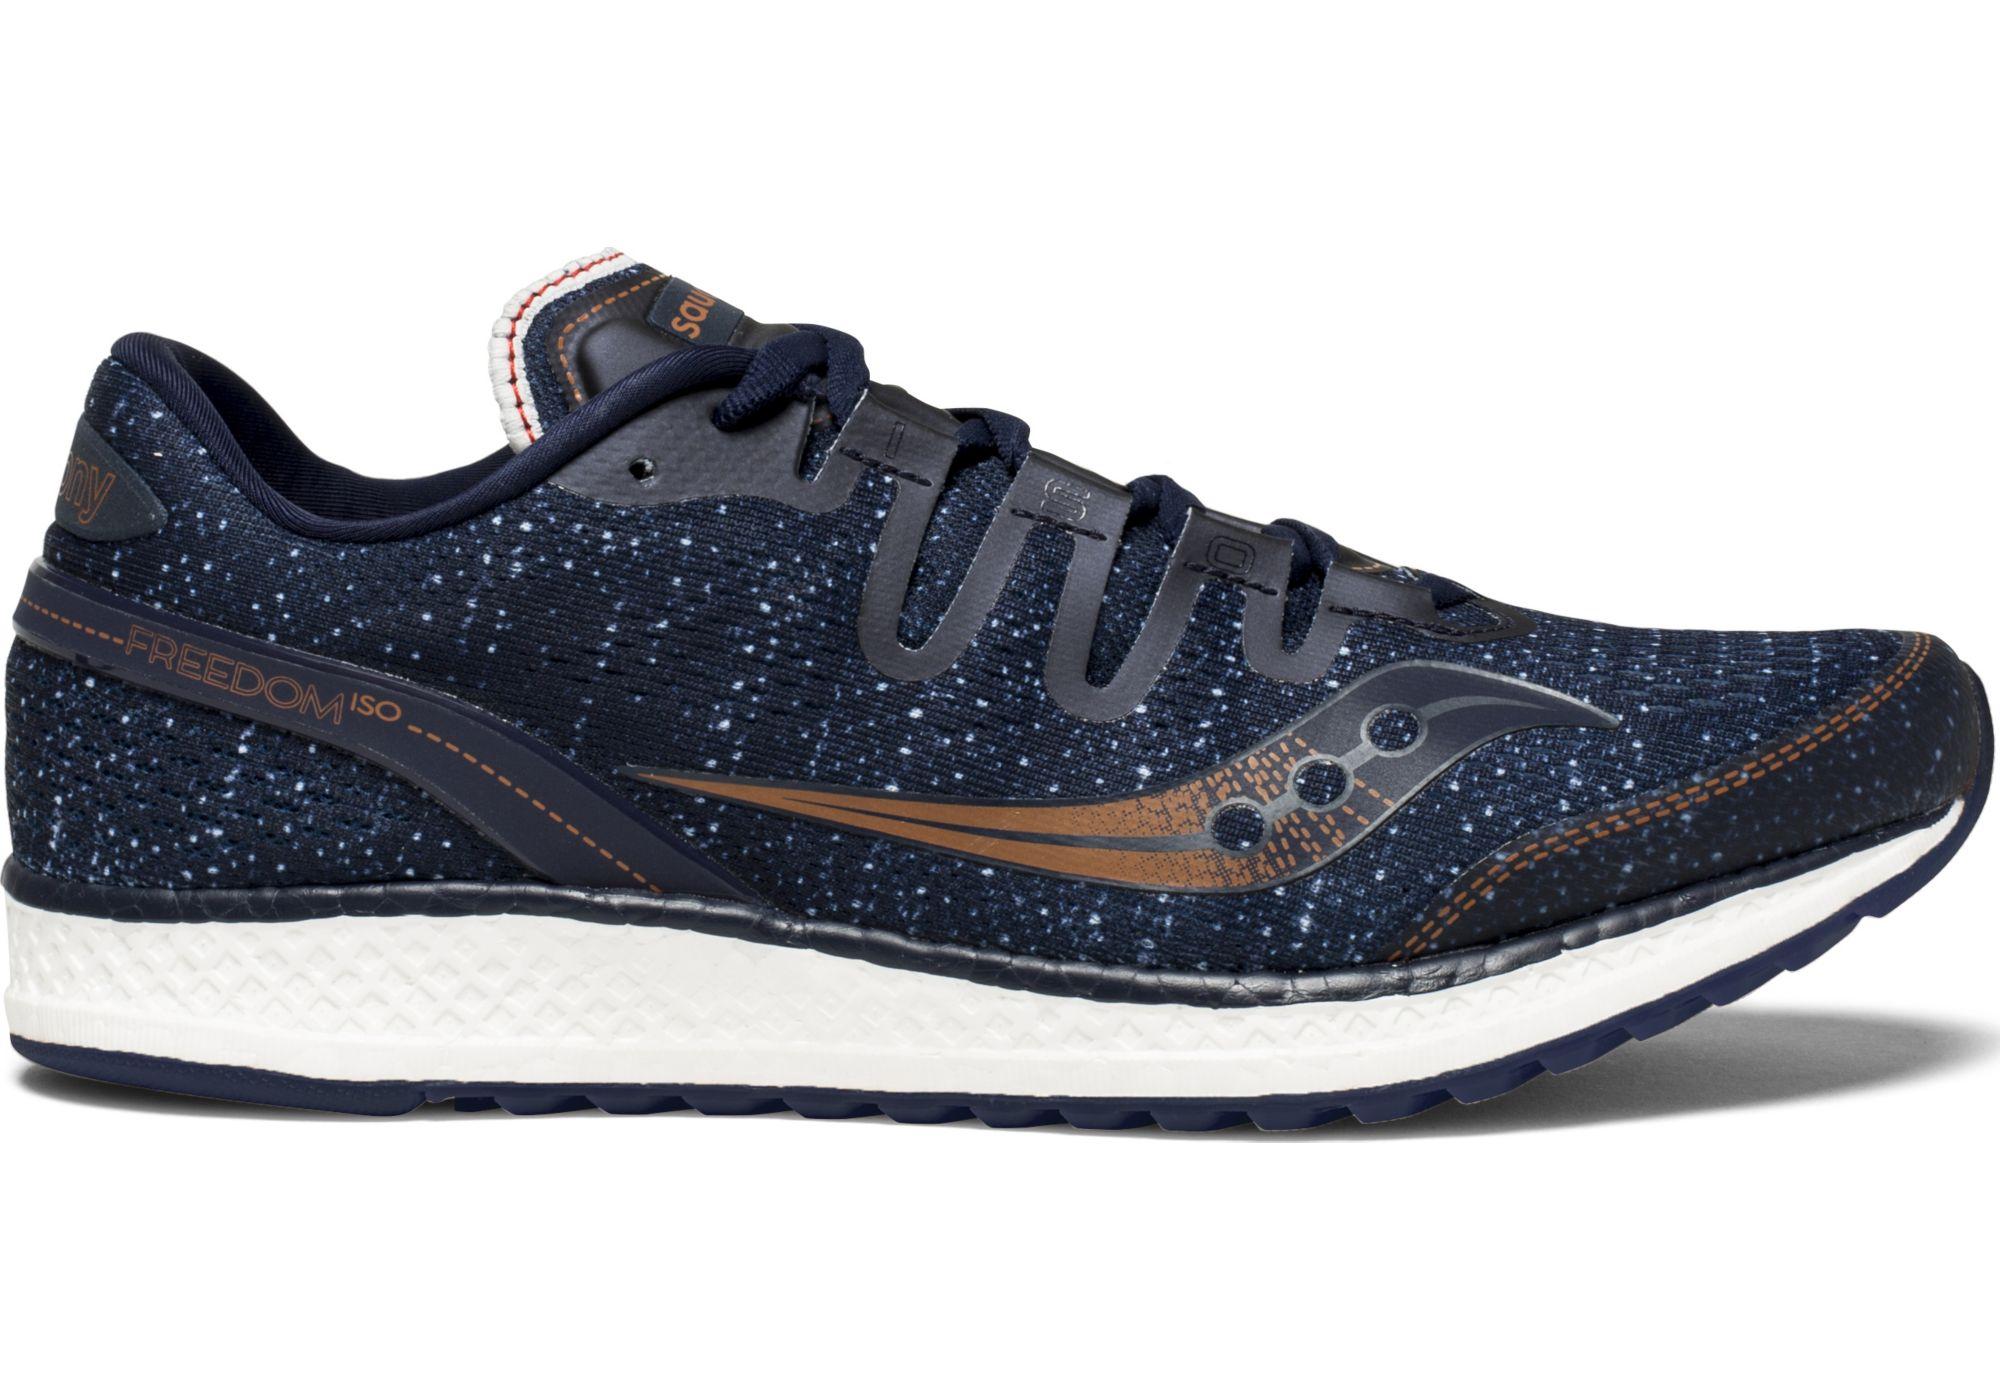 Saucony Freedom ISO Hombre Zapatos para correr (azul oscuro